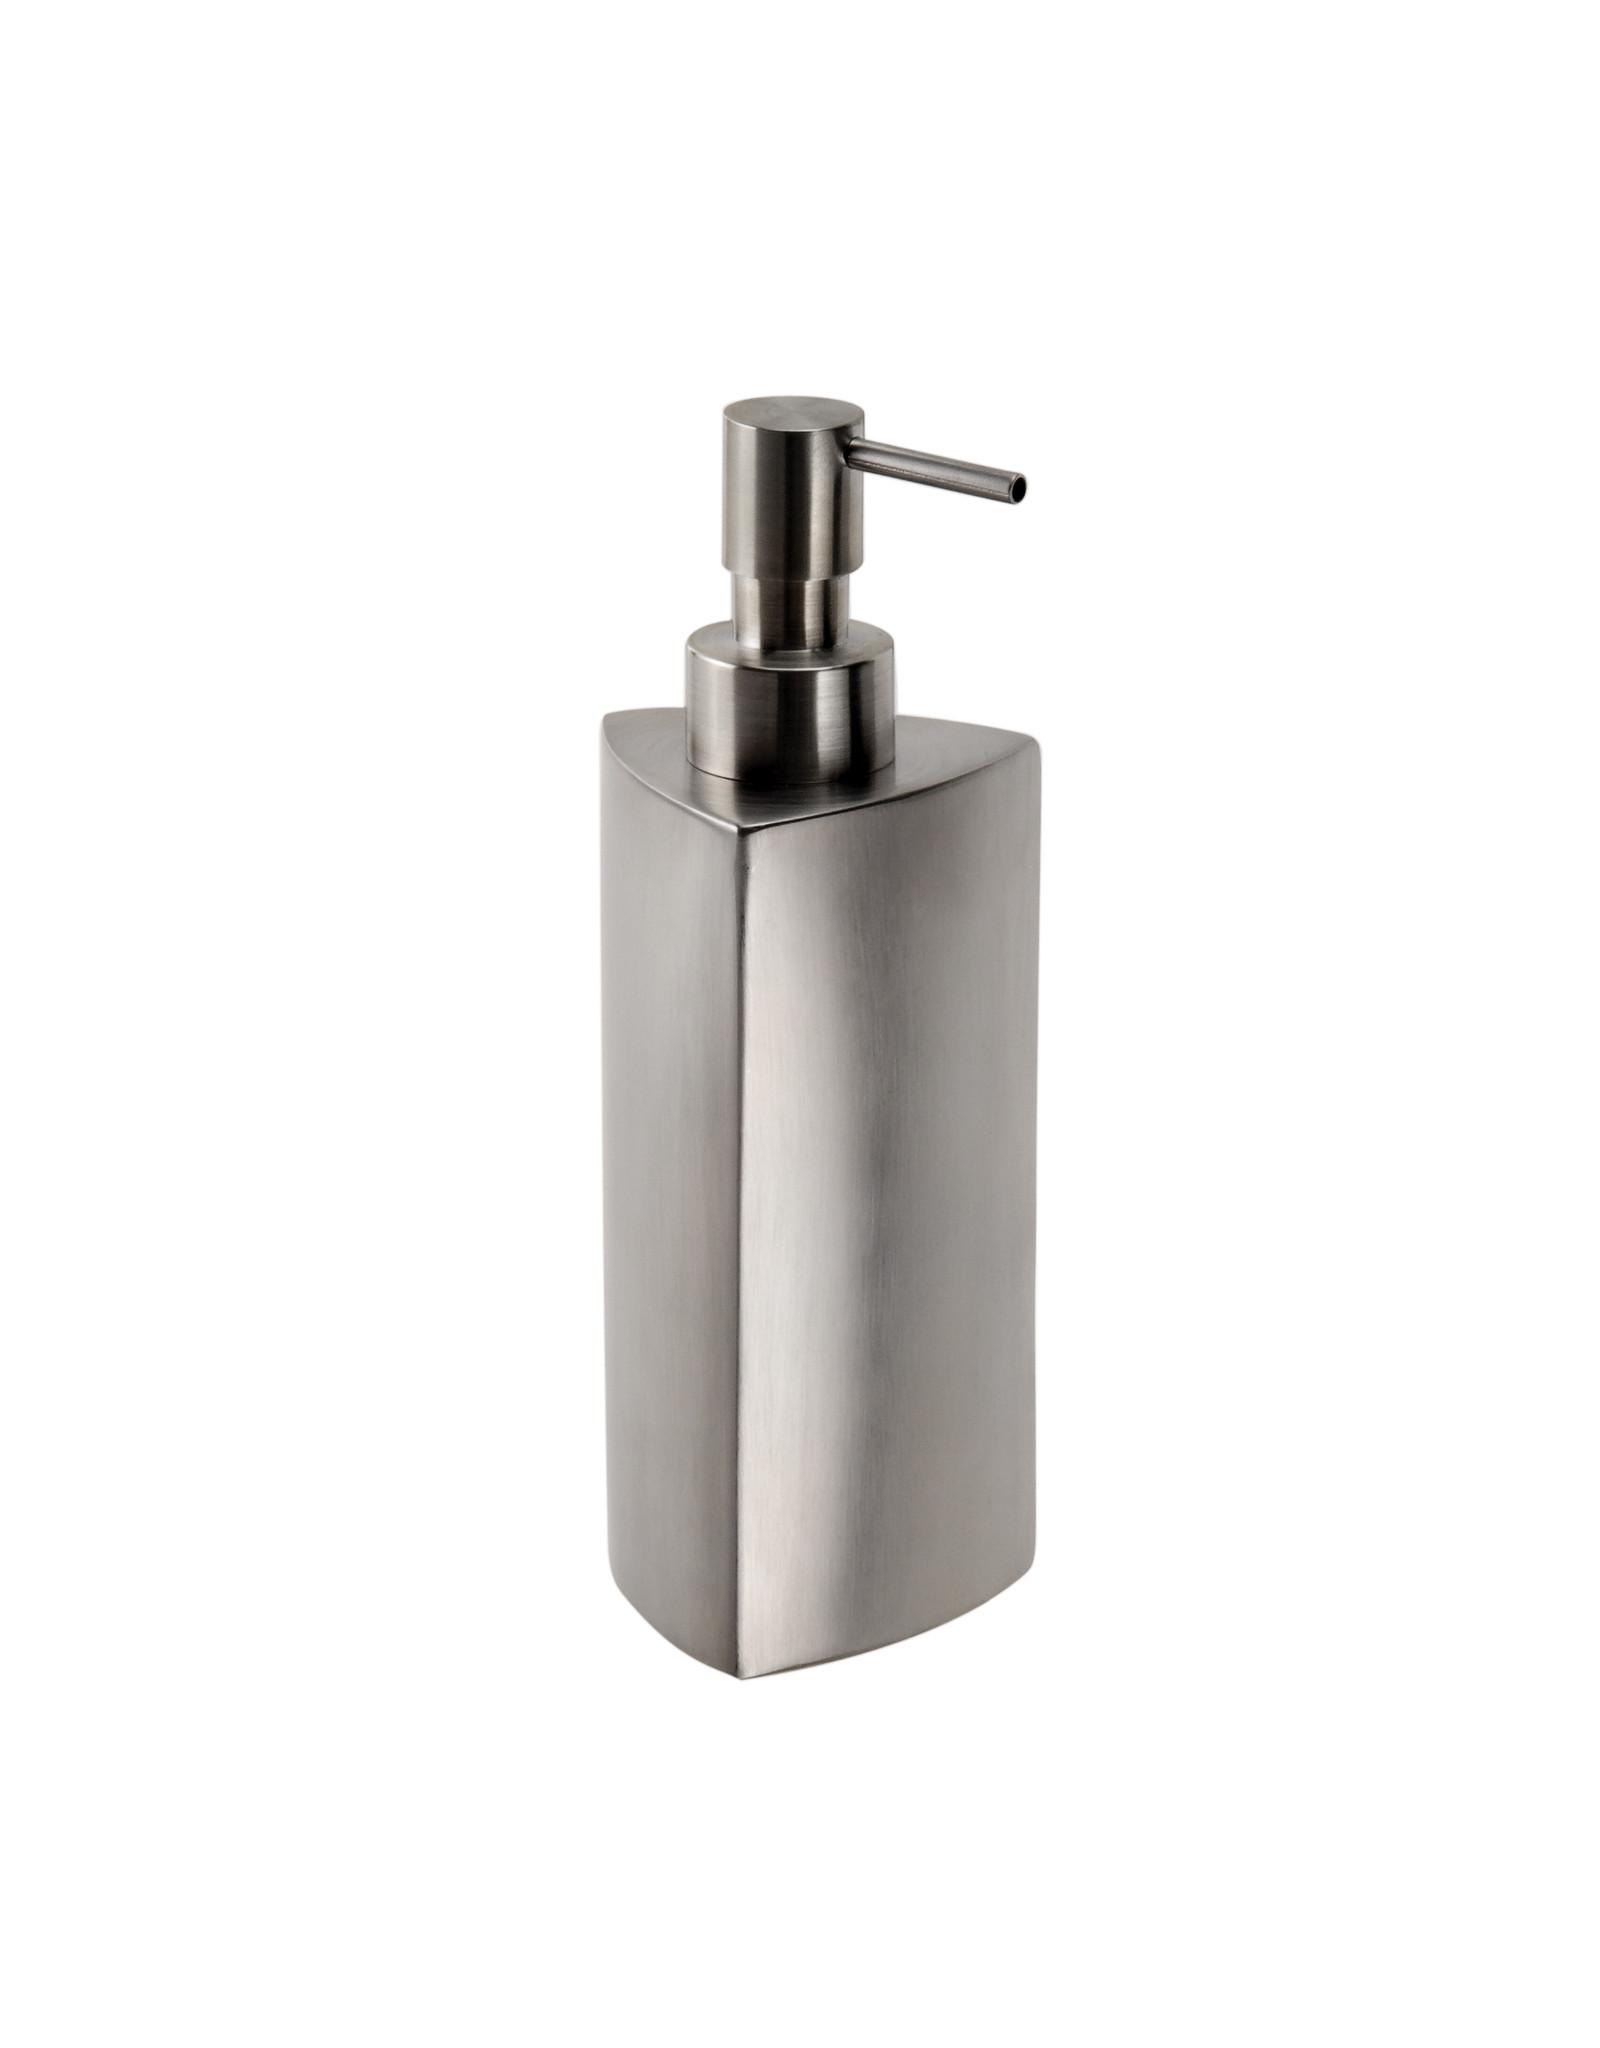 Saon zeepdispenser, driehoek, staand model - uitverkoop